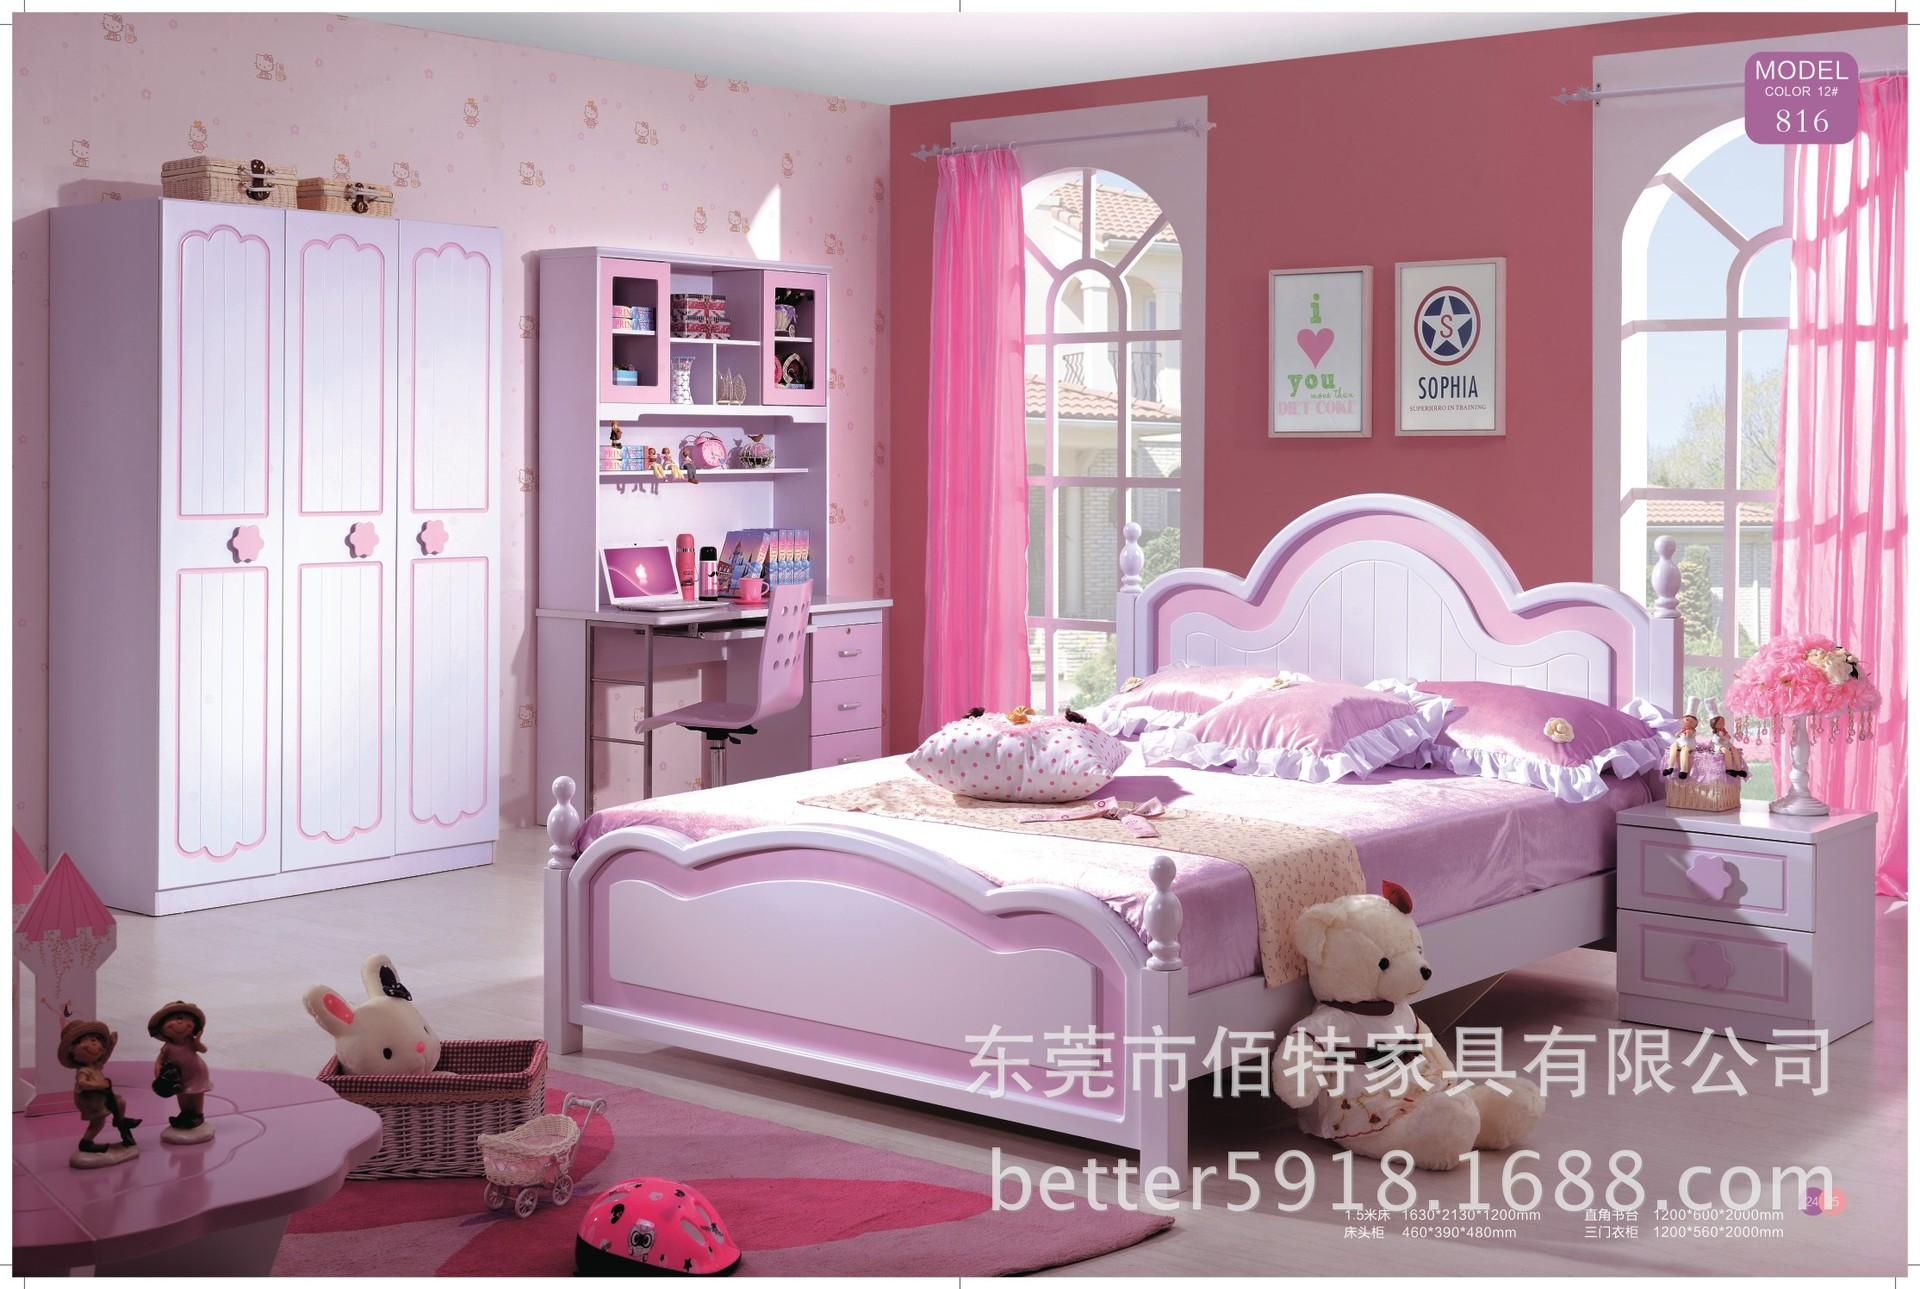 儿童家具 供应儿童家具 青少年卧室套房组合家具 彩色儿童床 阿里巴巴